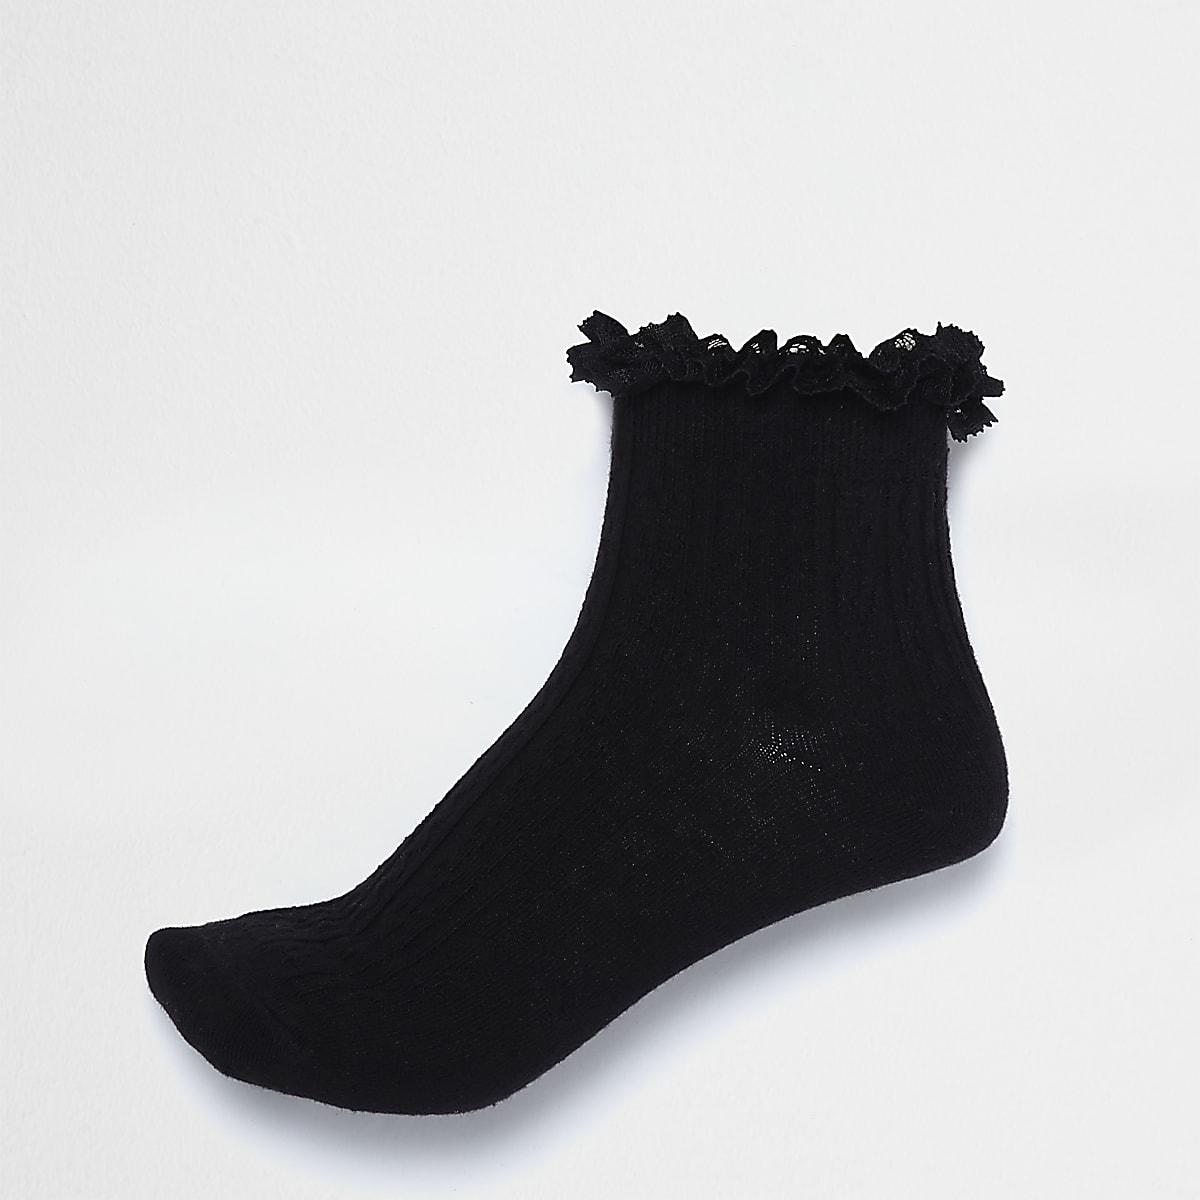 c1a4701d2 Black frill cable knit socks - Tights   Socks - women